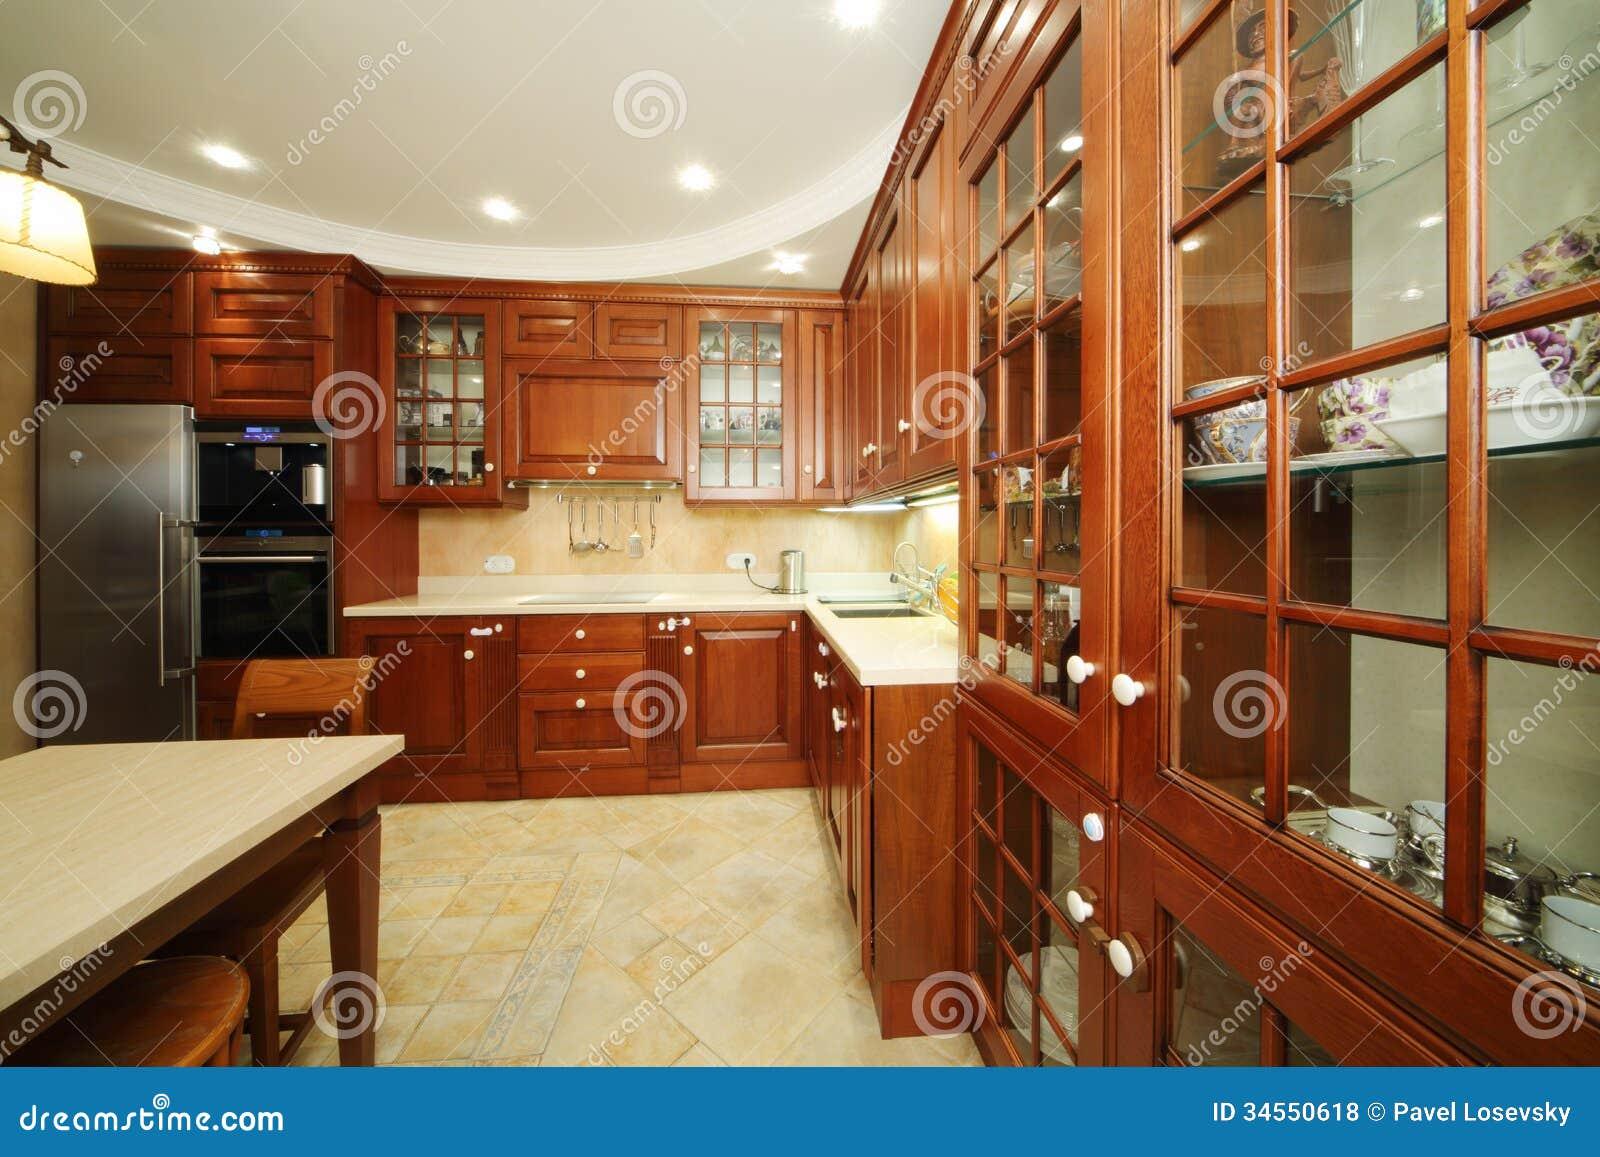 Cocina con muebles de madera fotos de archivo libres de for Imagenes de muebles de cocina de madera